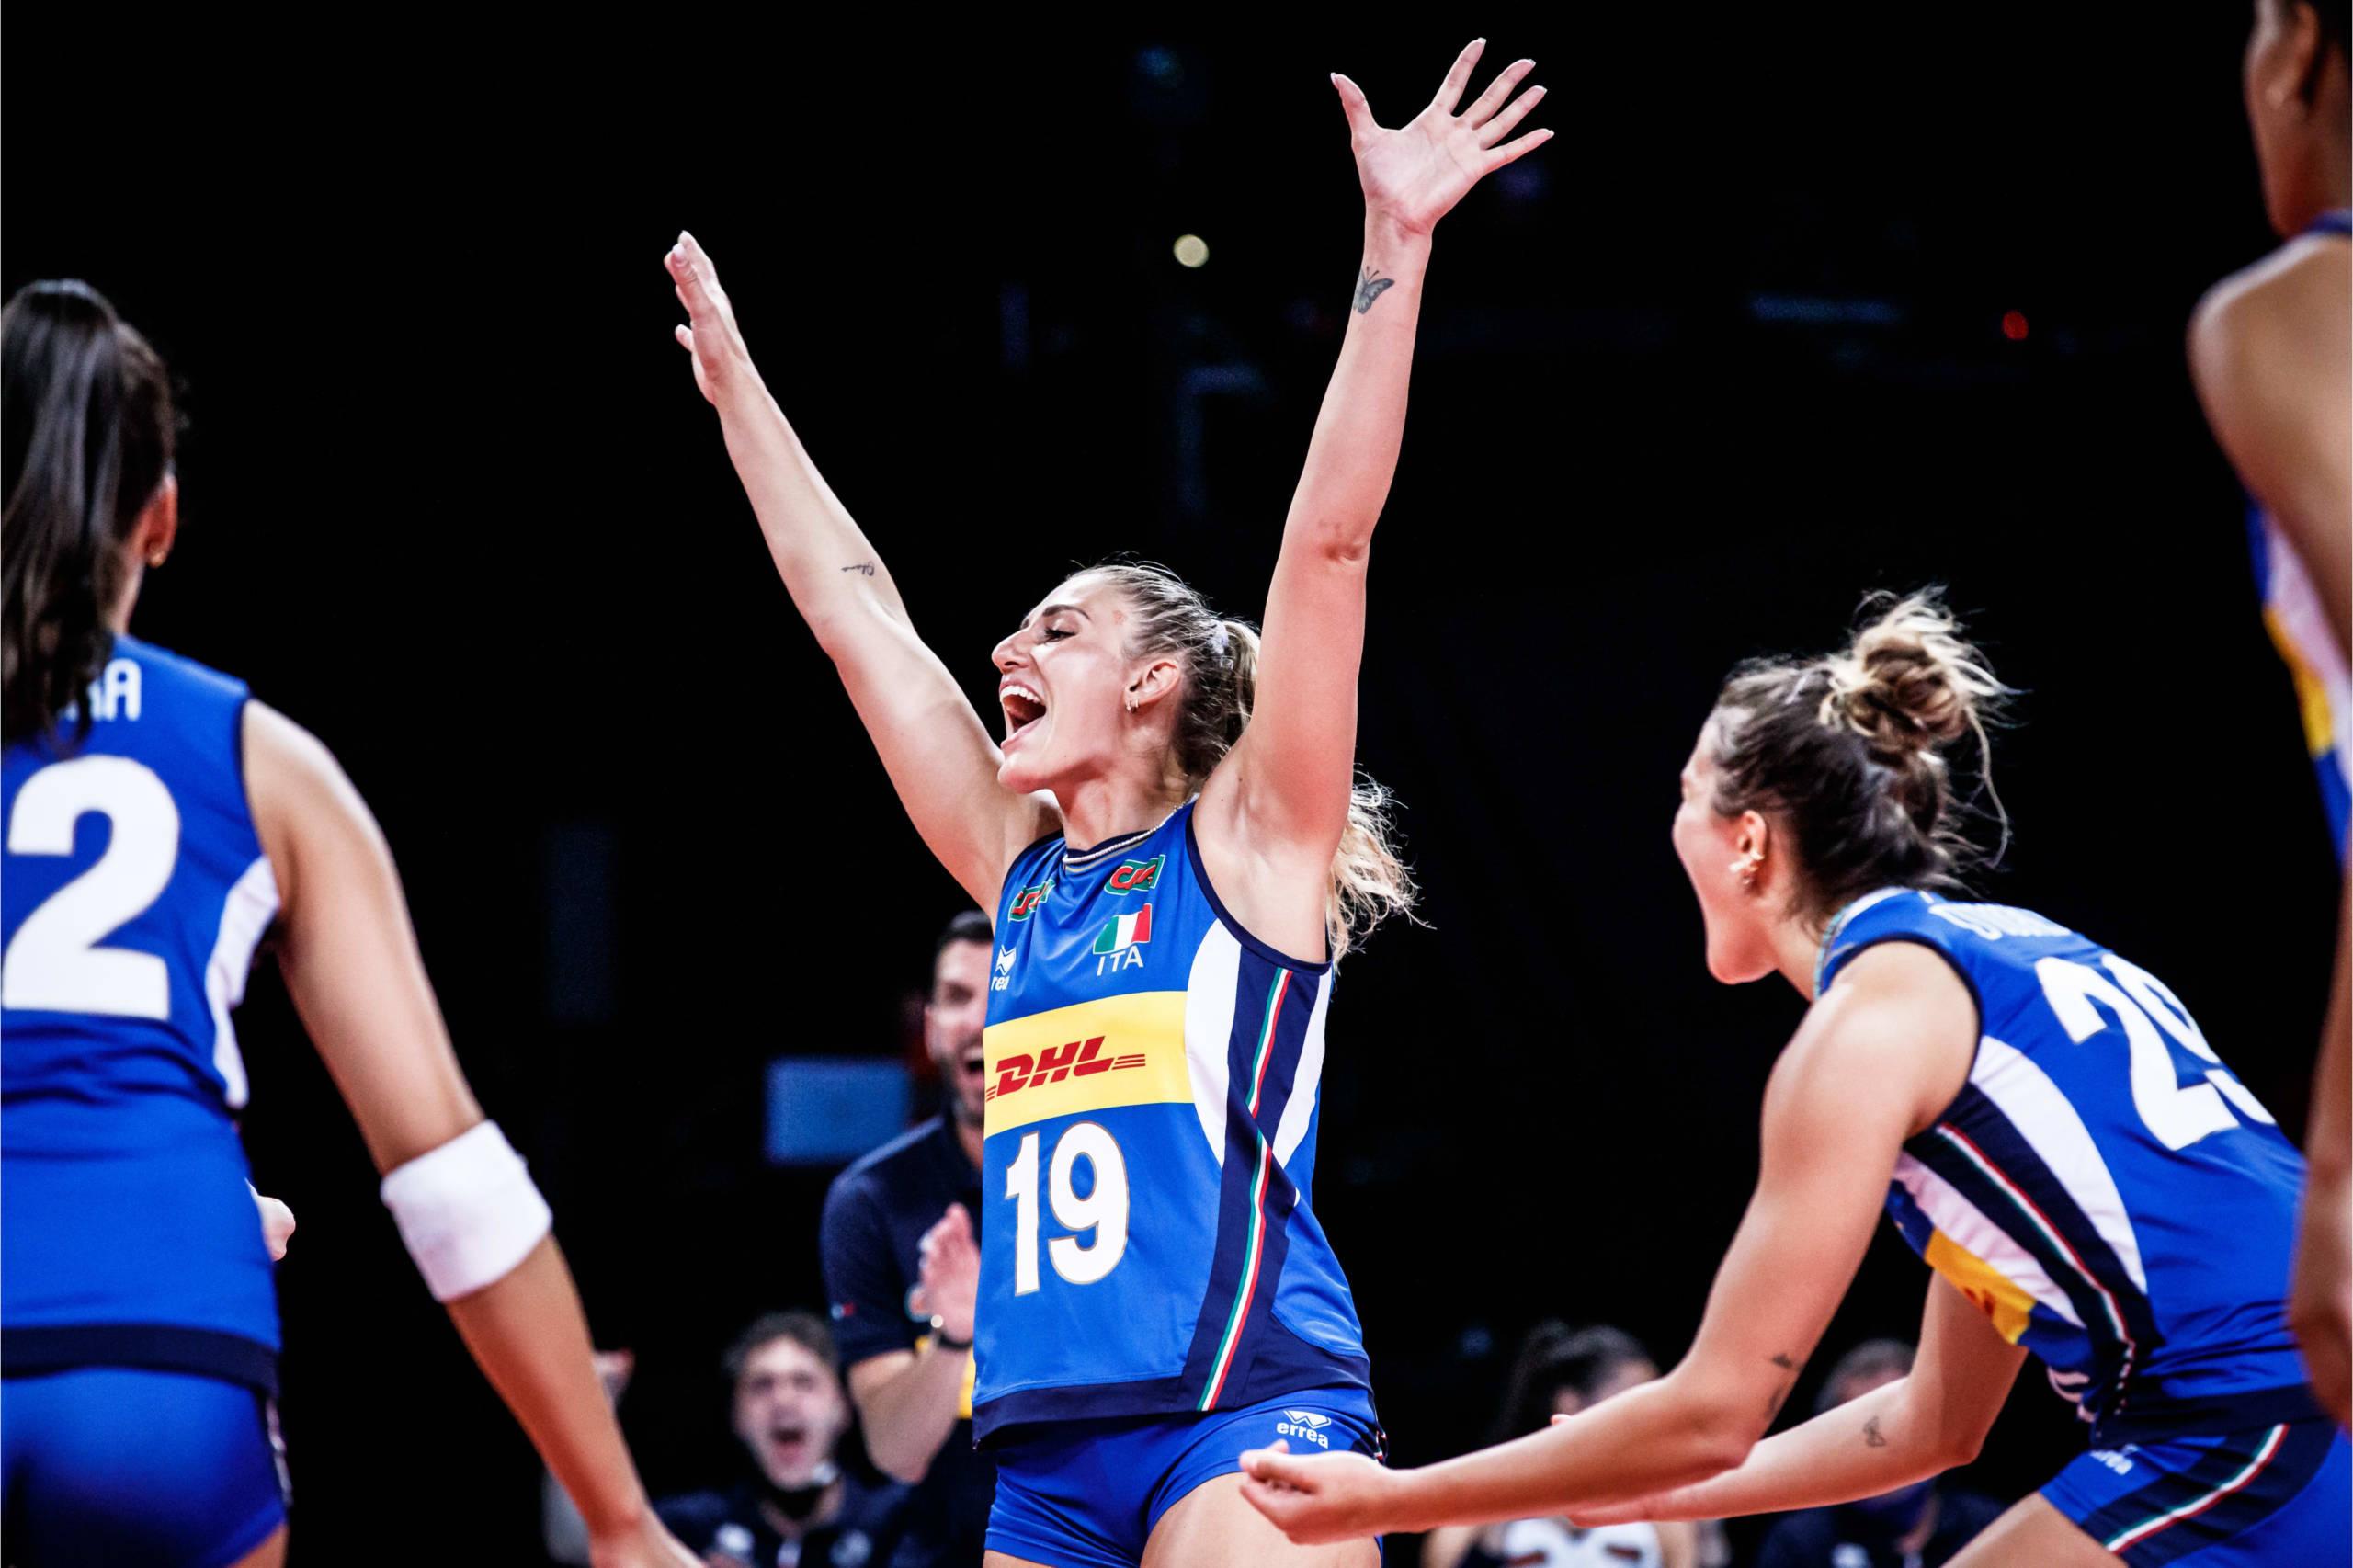 LIVE Italia Repubblica Dominicana 0 2, Nations League volley femminile in DIRETTA: azzurre sottotono nei primi due parziali